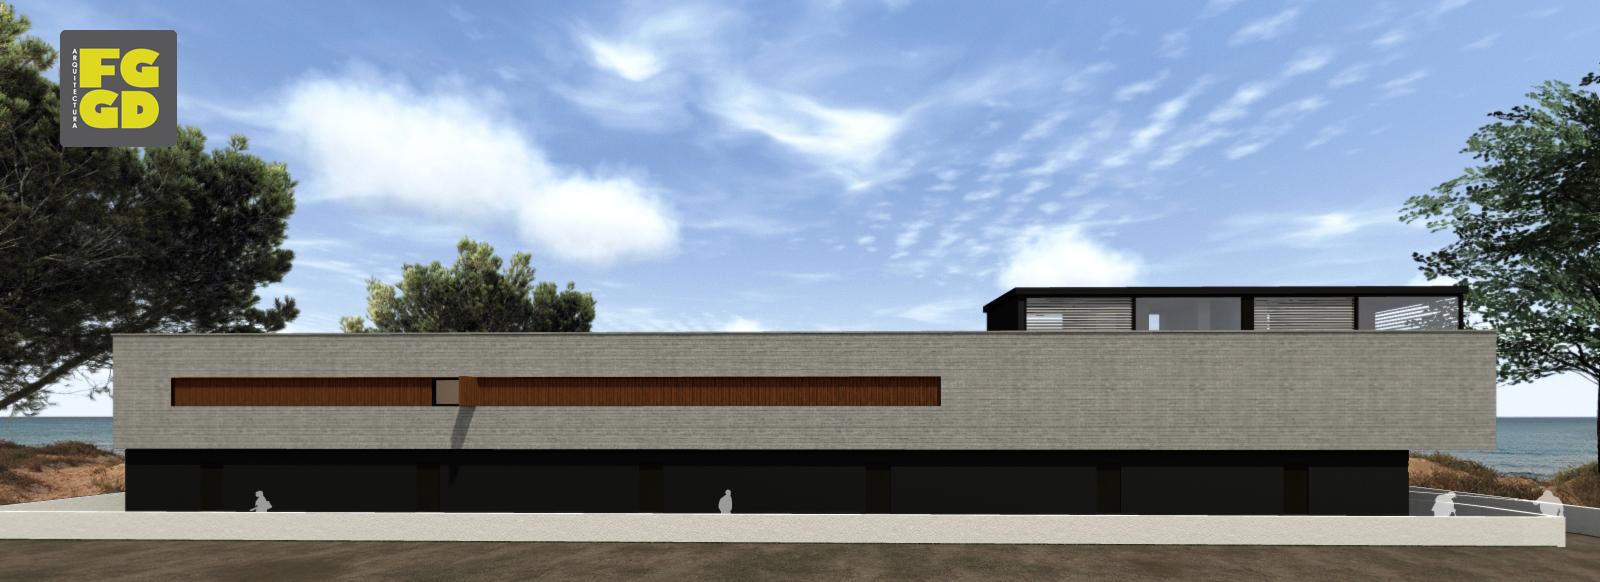 Fggd arquitectura proyectos vivienda xxl parte 02 - Estudios arquitectura murcia ...